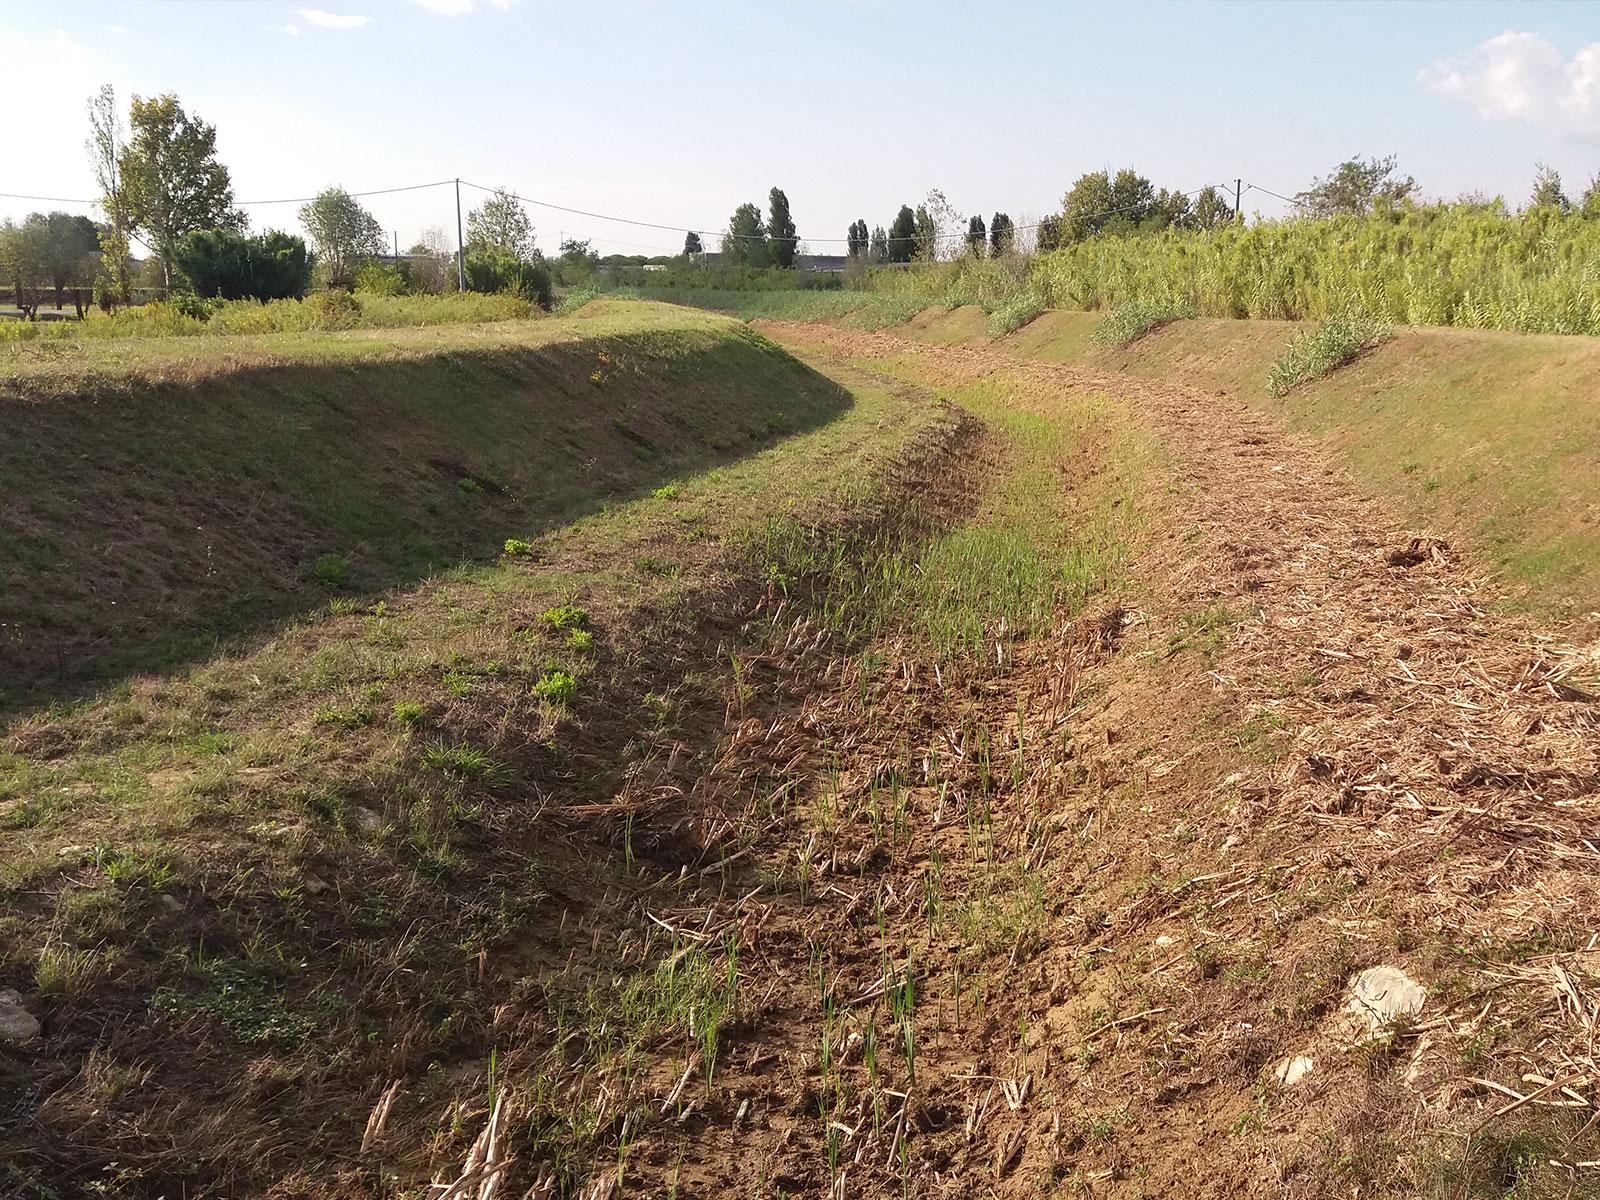 Manutenzione ordinaria anno 2016 - Progetto - Bacino del fosso zannone - Vanni Pierino - Pisa e Livorno